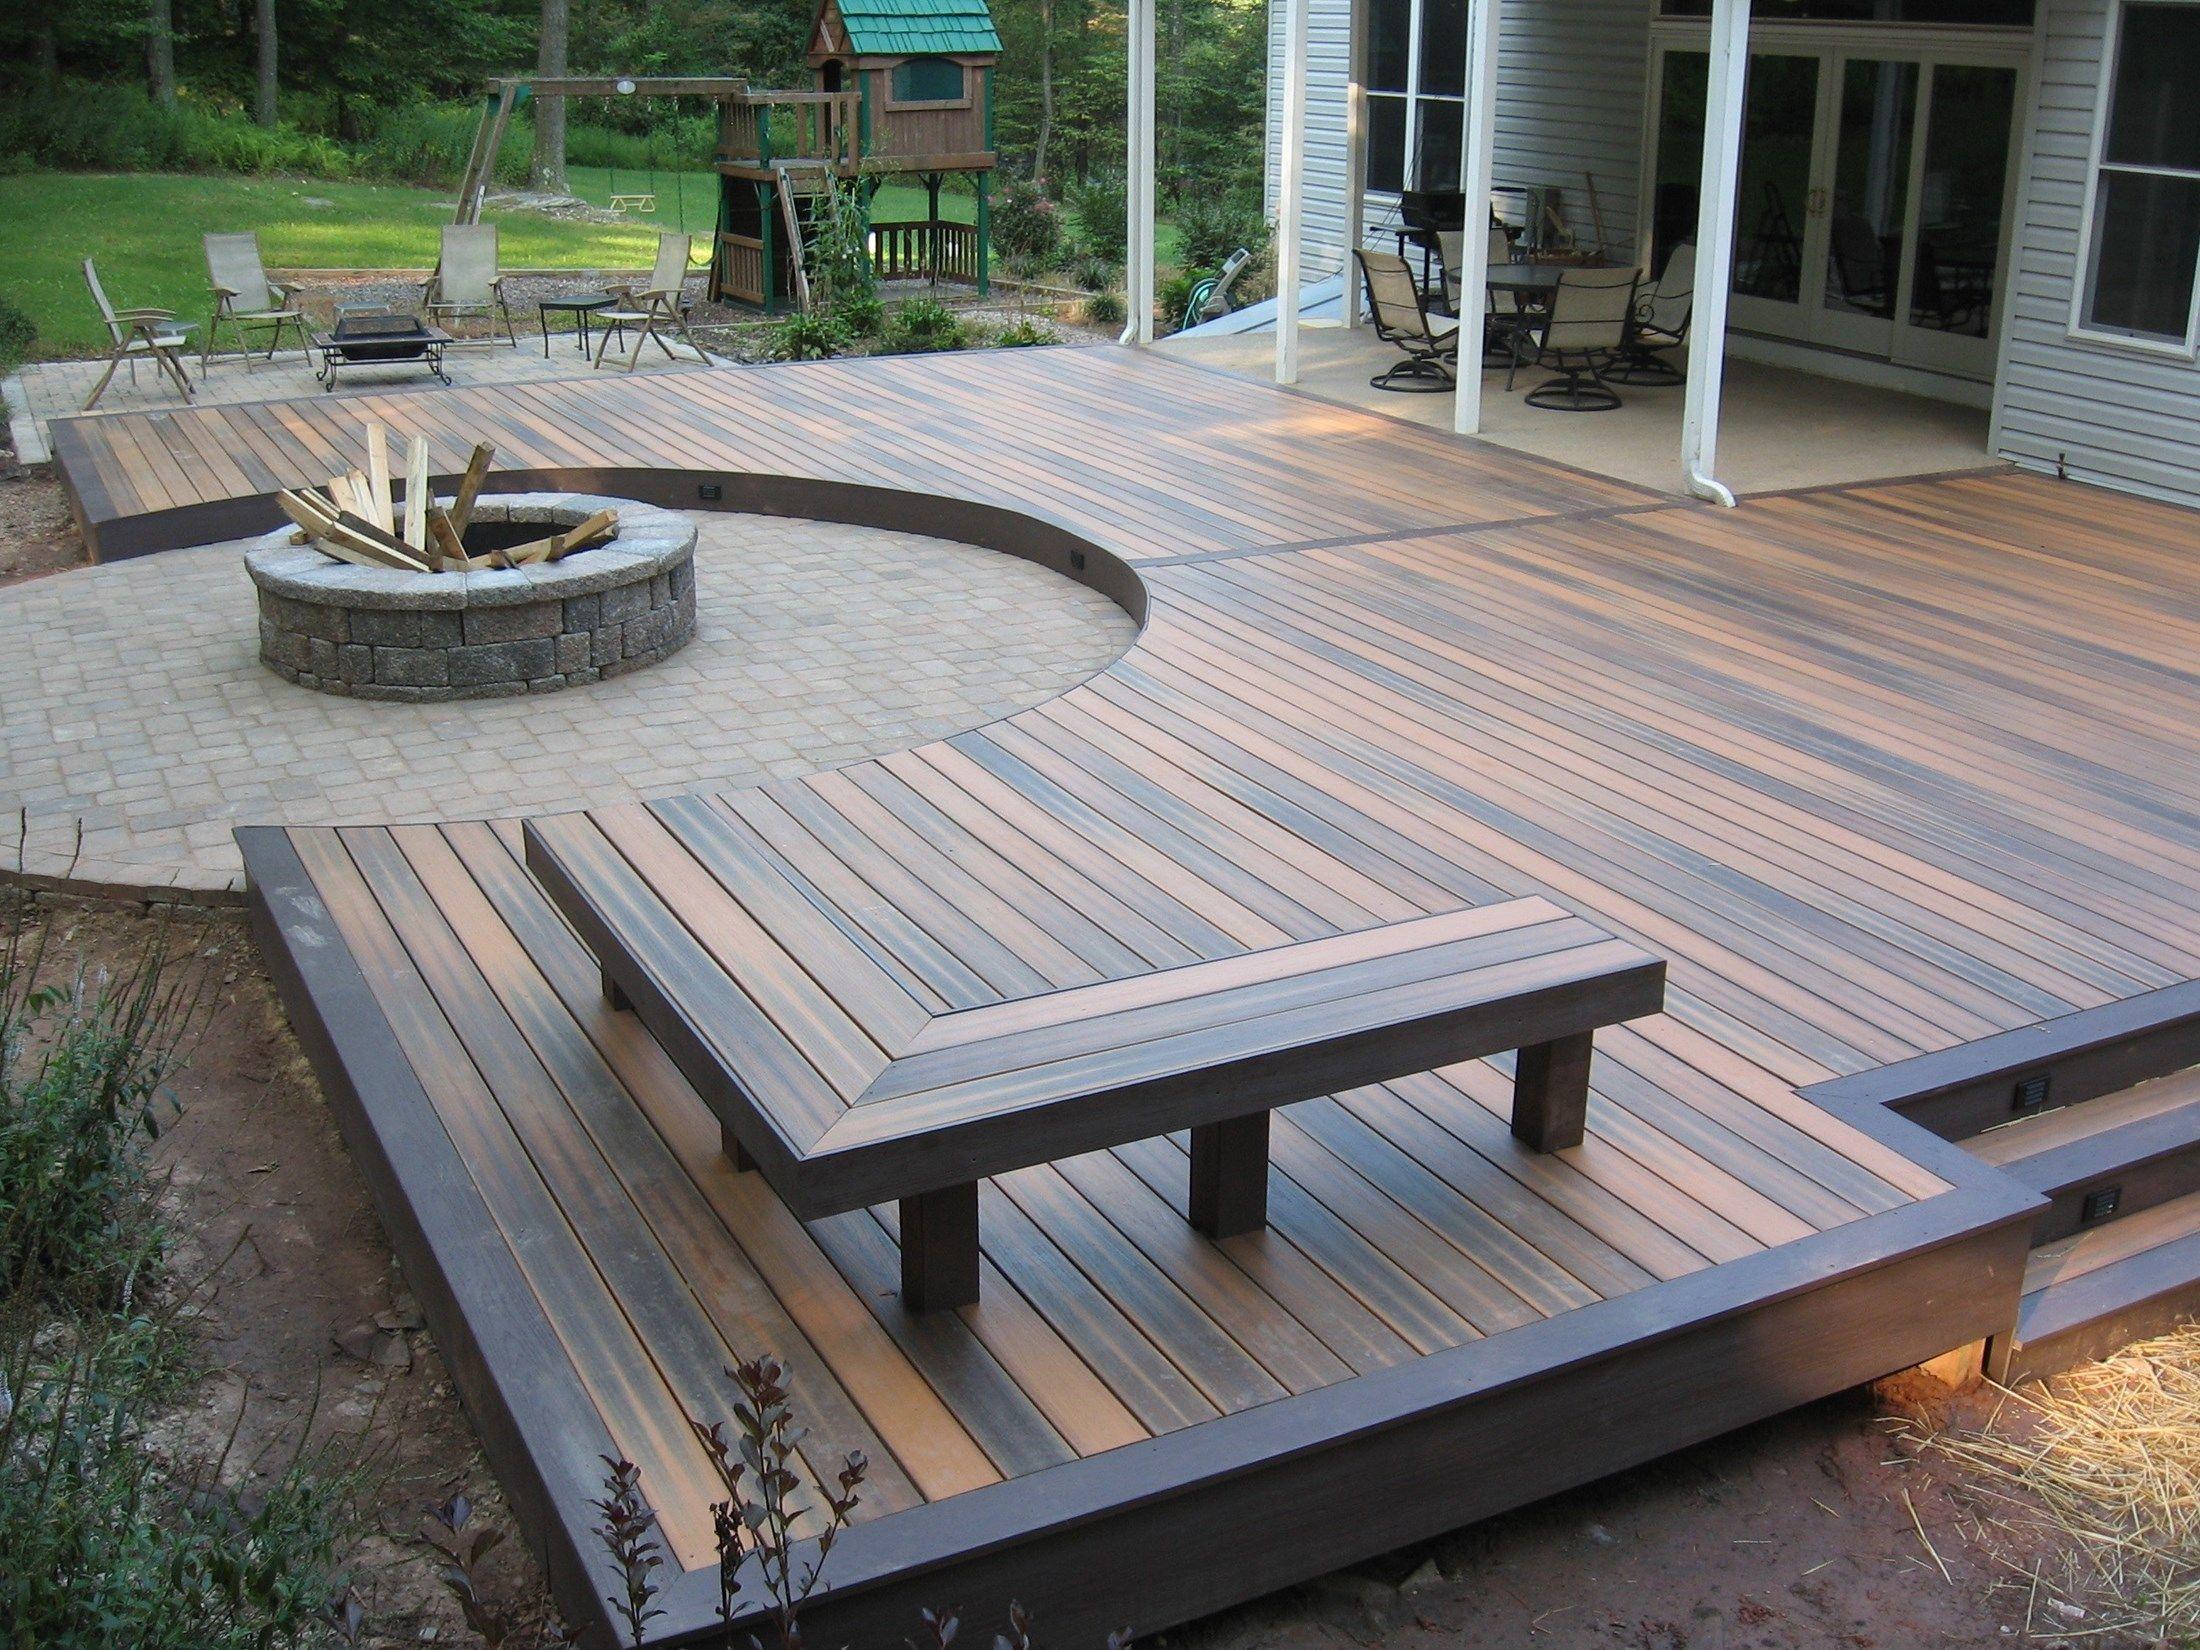 plans level patio multi in decks ground new deck ideas best